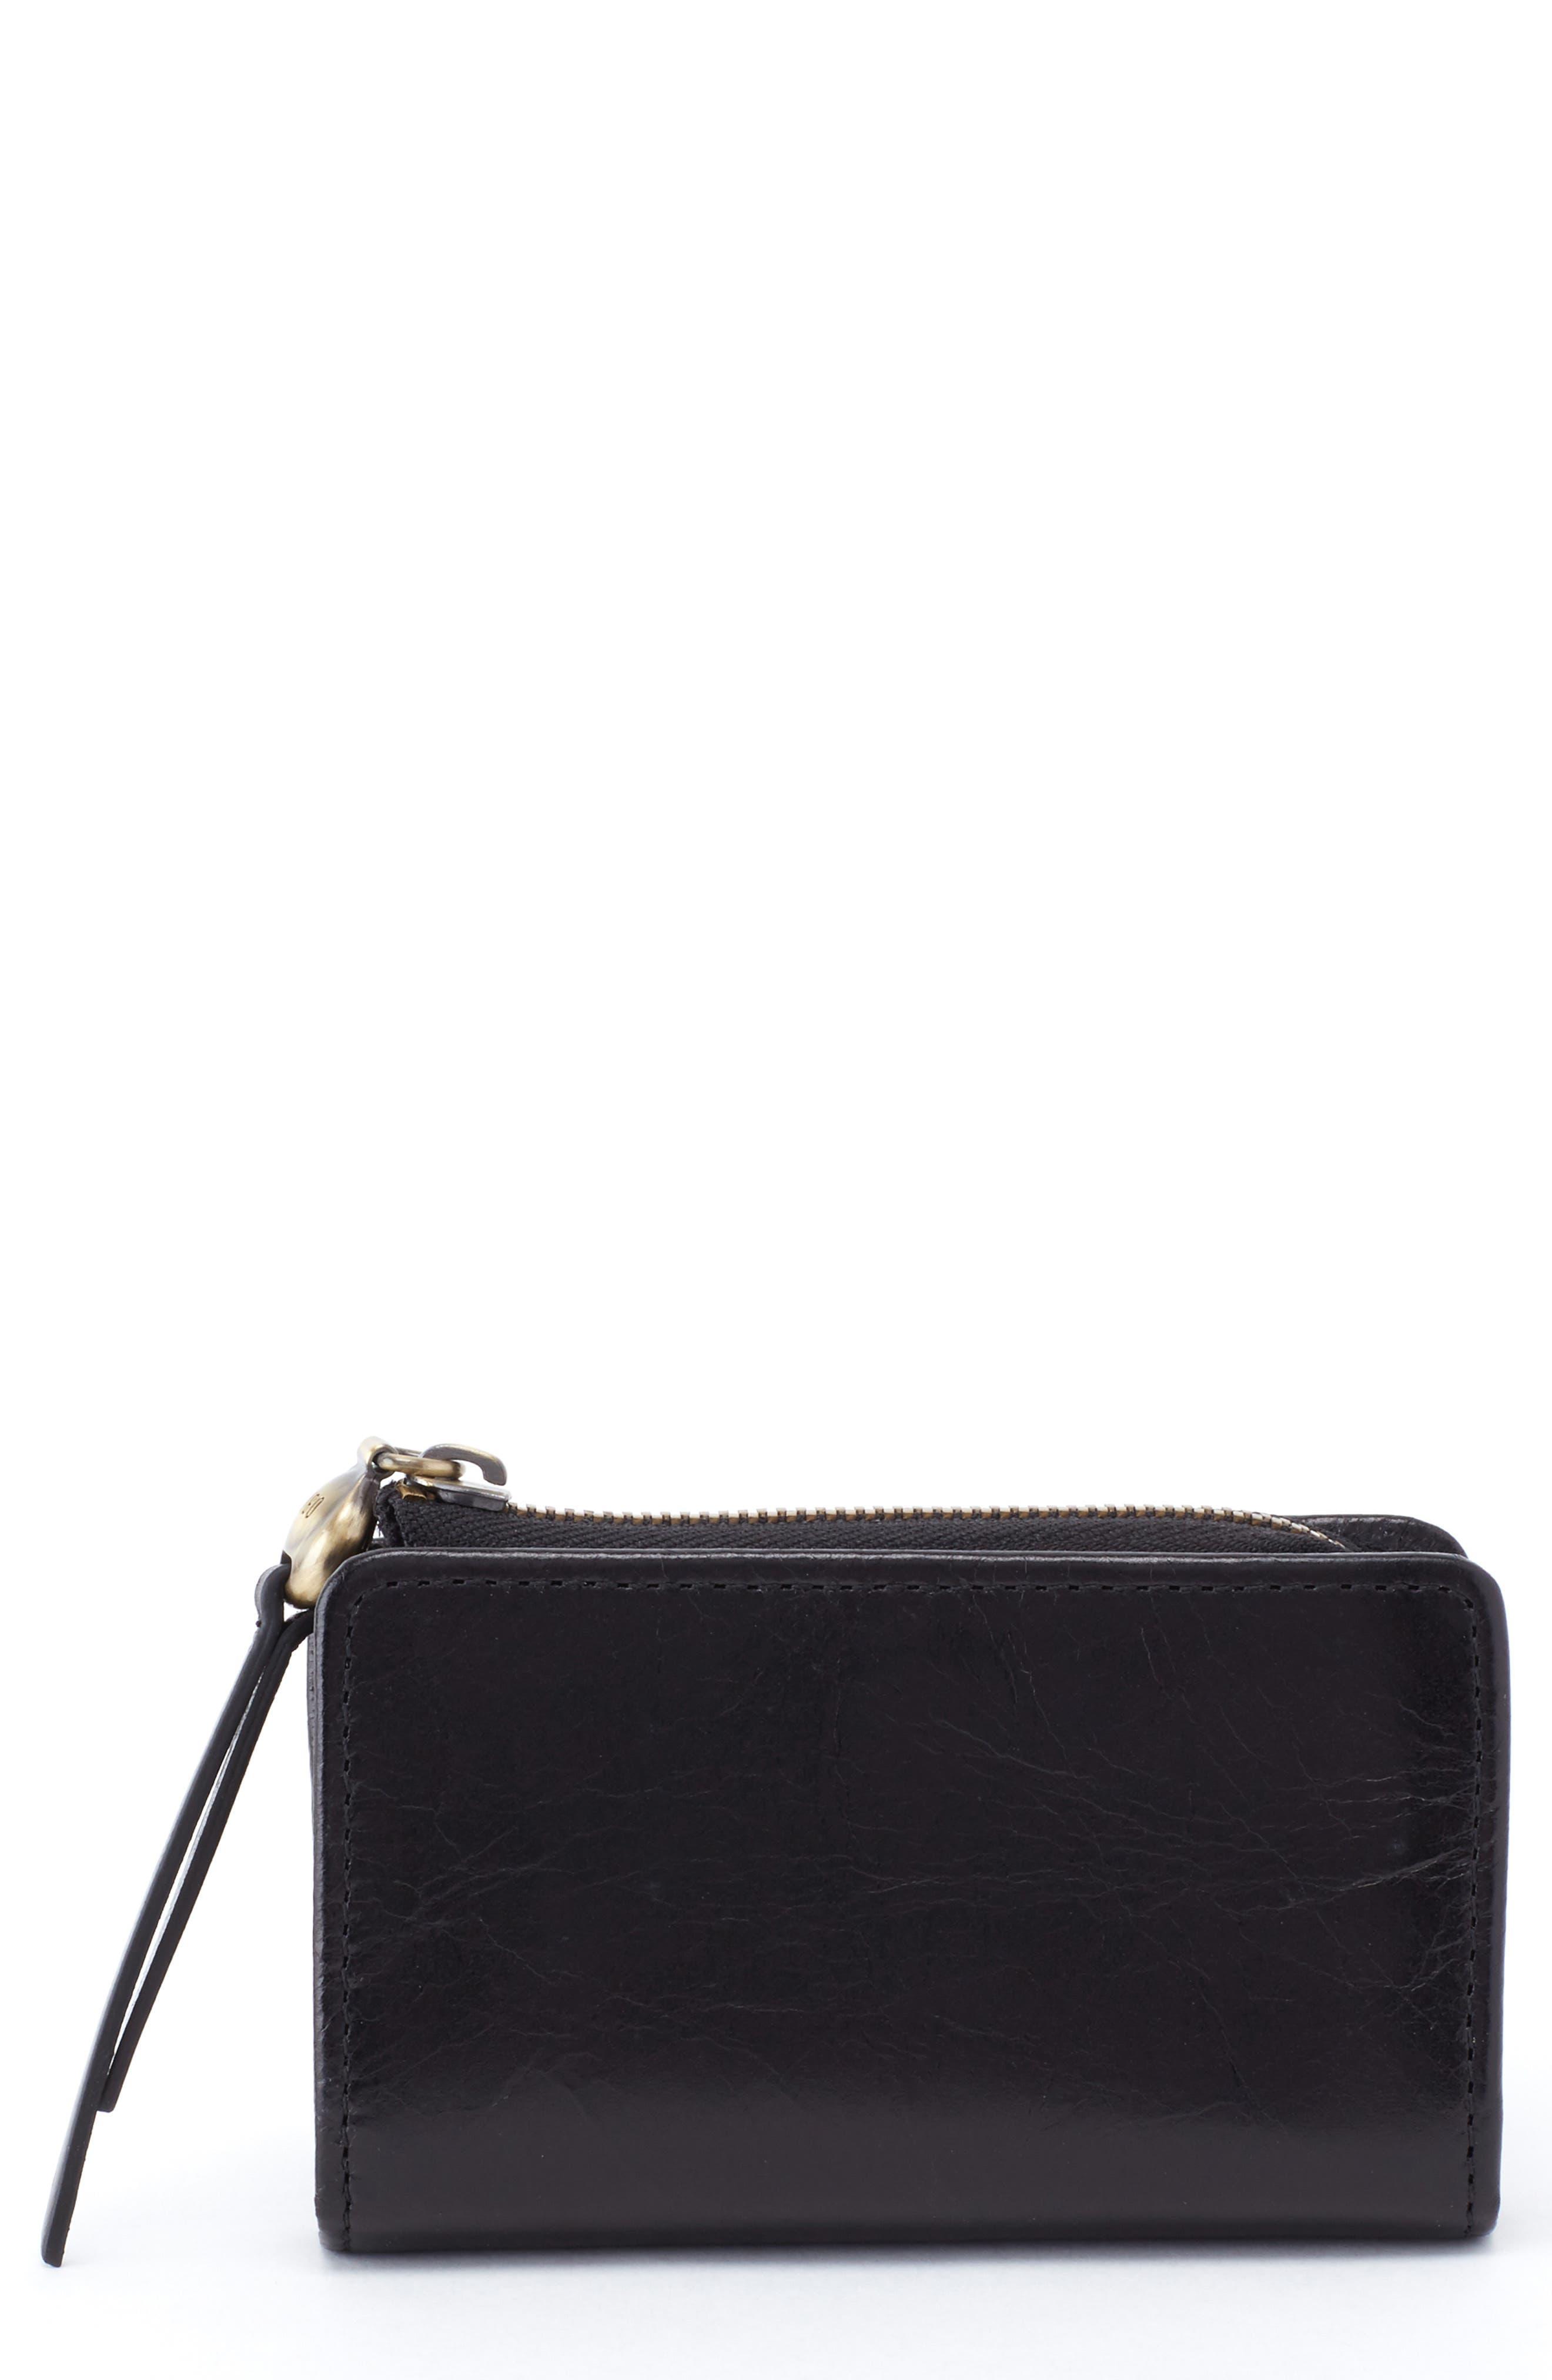 HOBO Dart Calfskin Leather Wallet, Main, color, BLACK